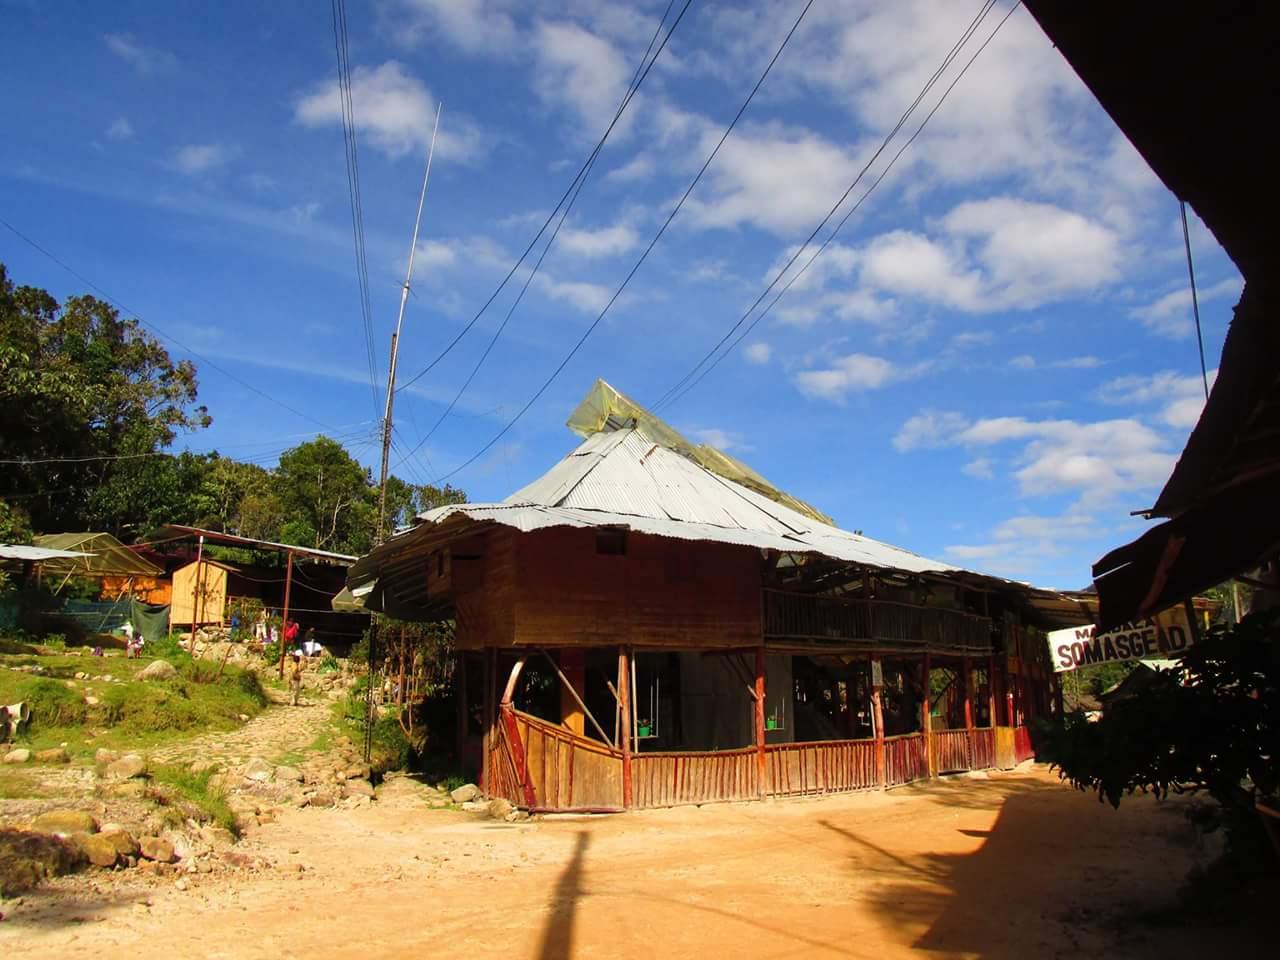 Templo 'Sakroakuarios' adentro, una de sus barracas.